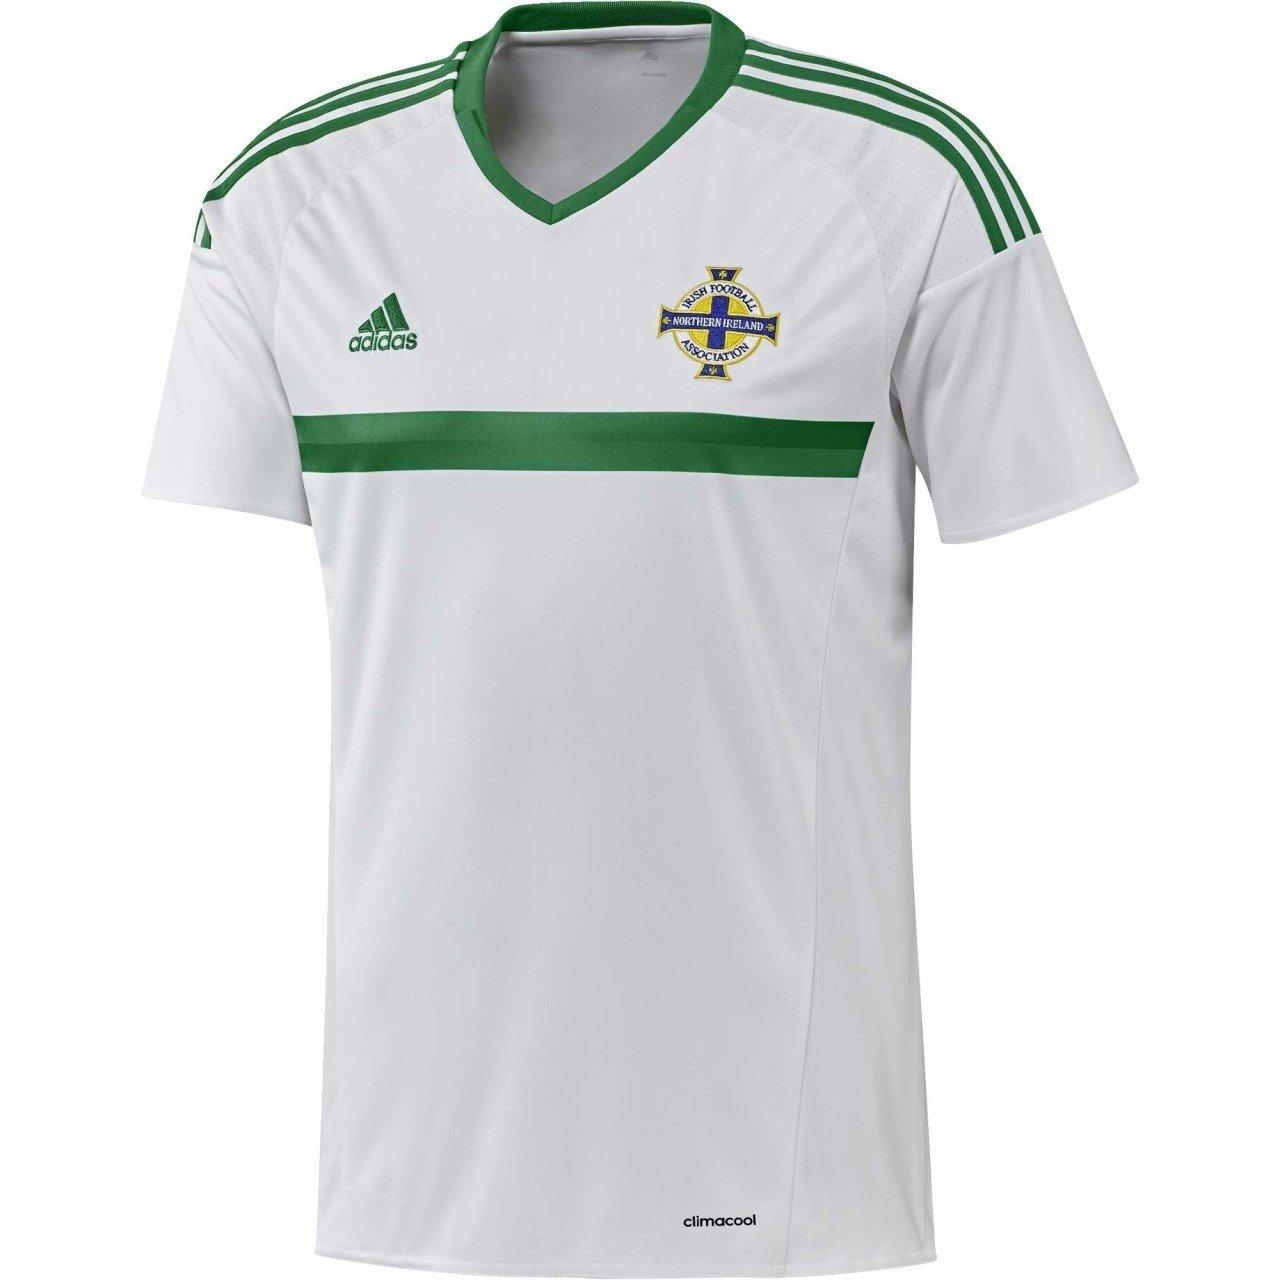 adidas 2016-2017 Northern Ireland Away Football Shirt: Amazon.es ...